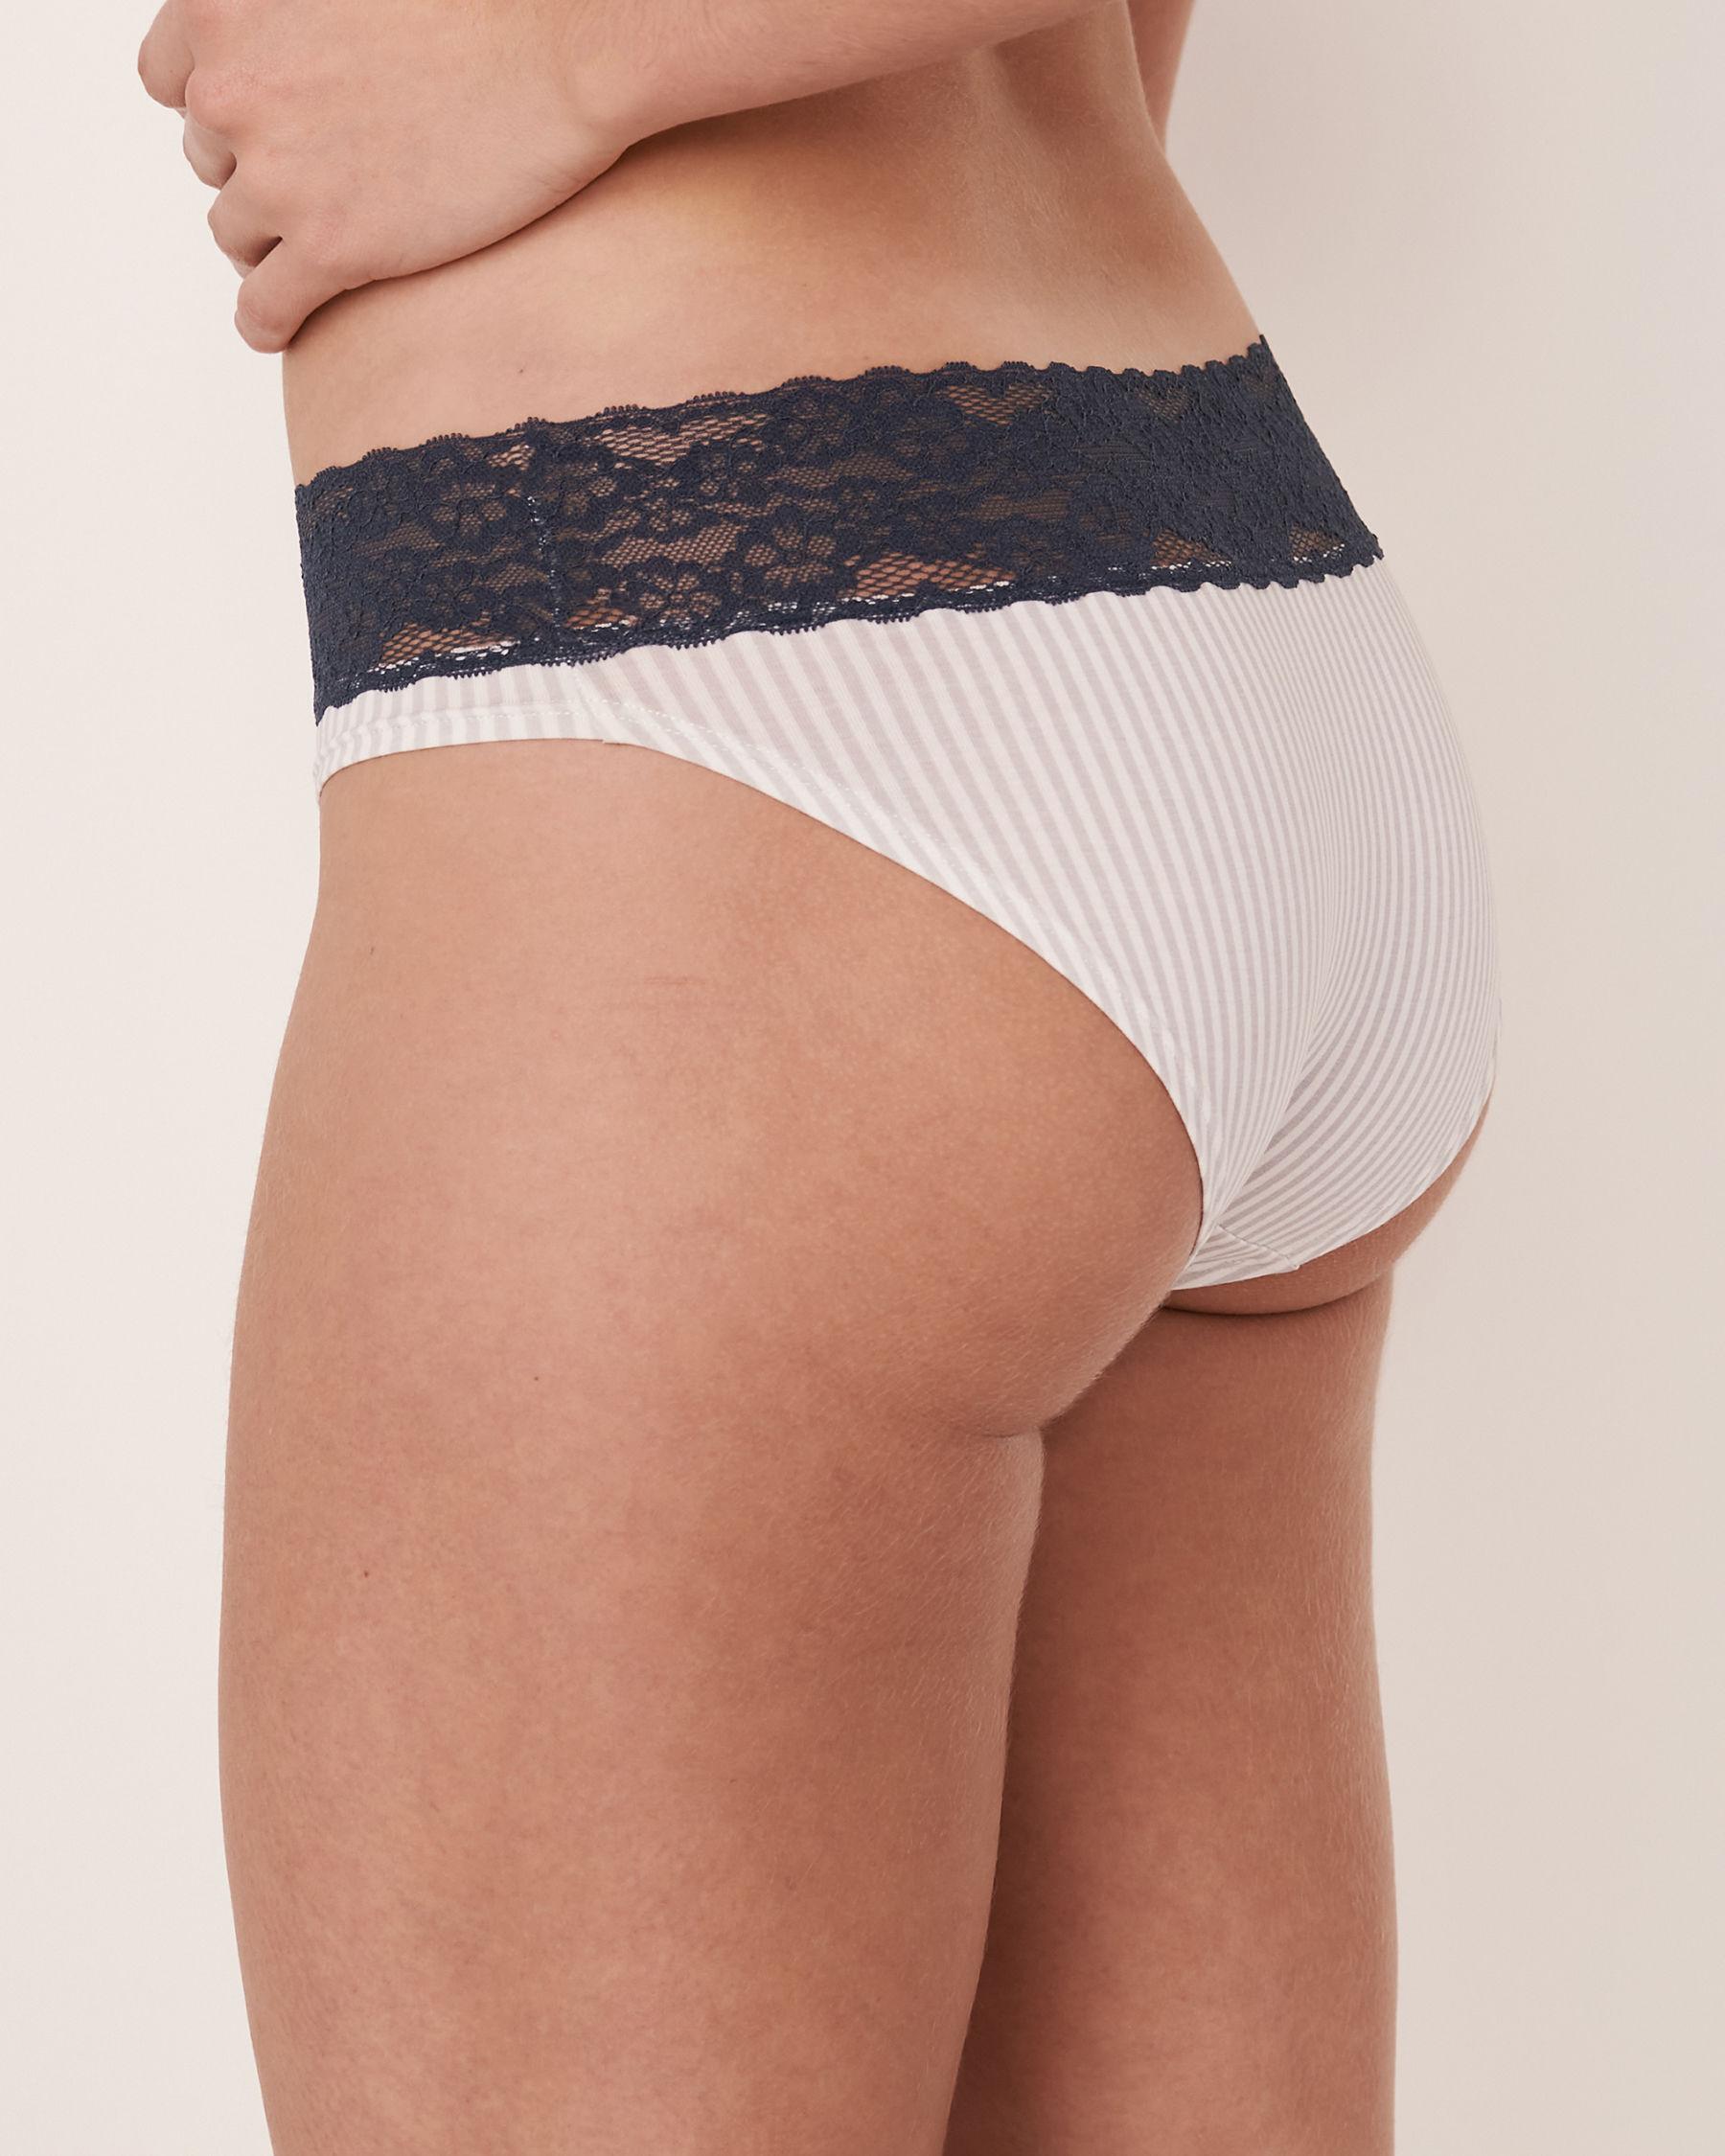 LA VIE EN ROSE Bikini Panty Vertical stripes 20100056 - View2